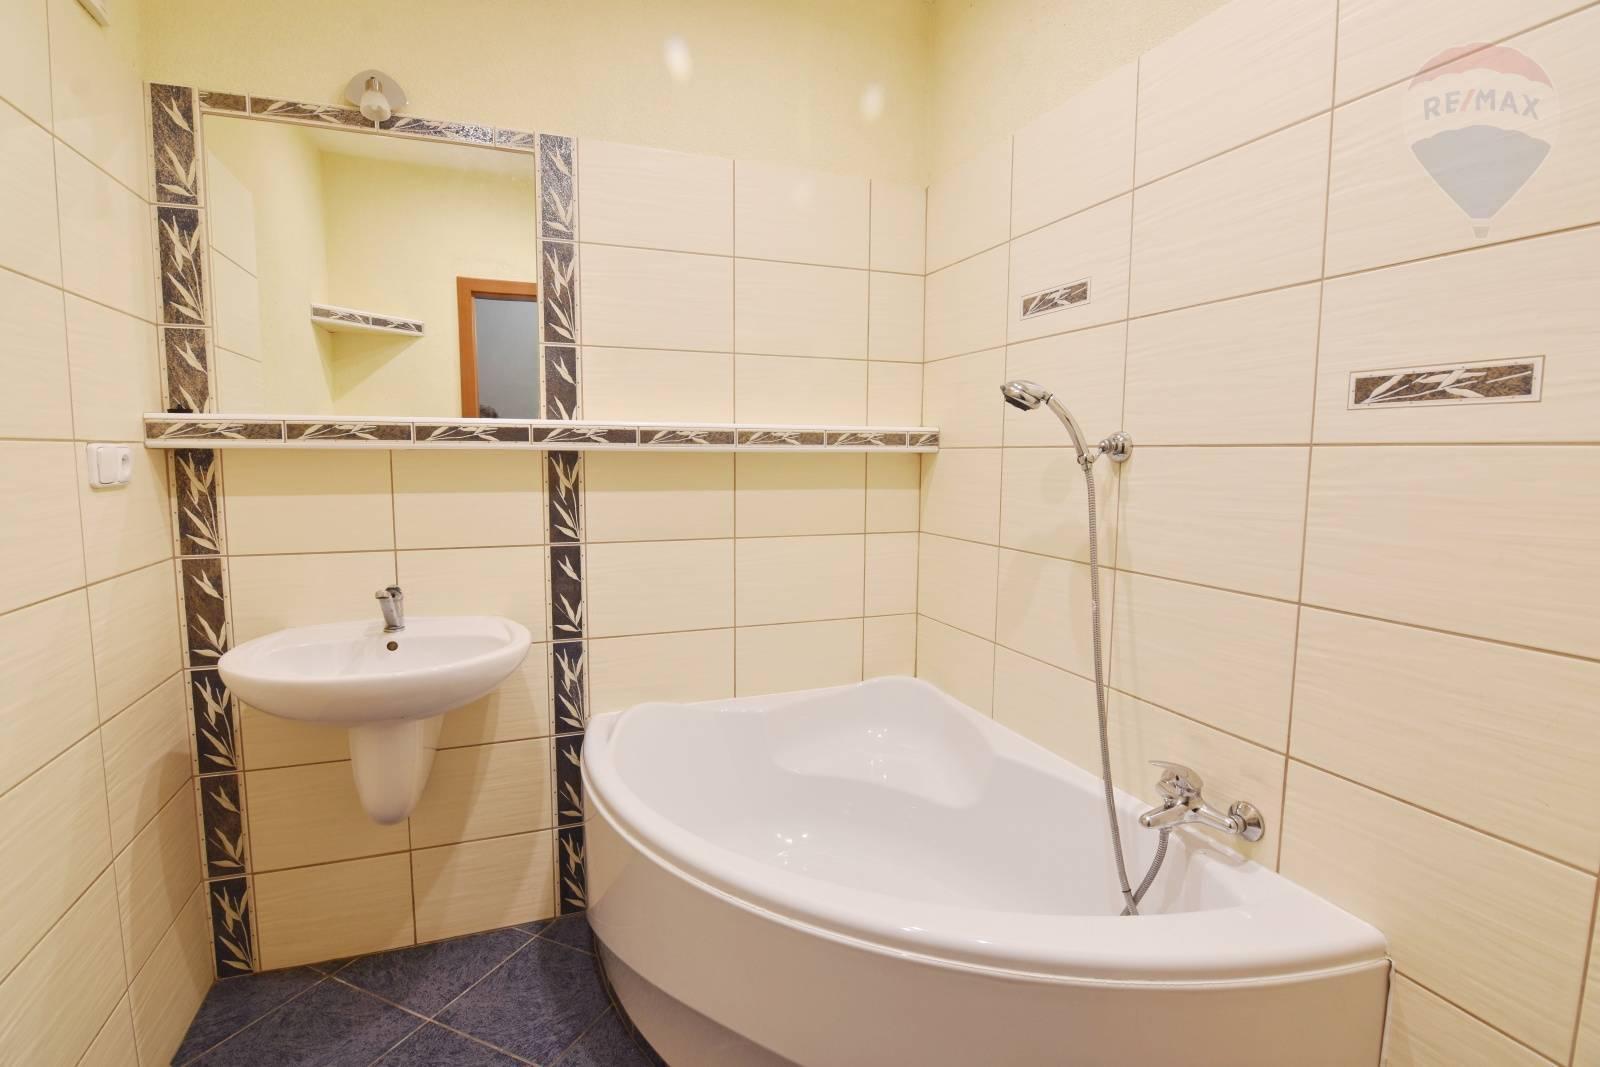 Predaj bytu (1 izbový) 37 m2, Prievidza - 1-izbový byt Prievidza 37 m2